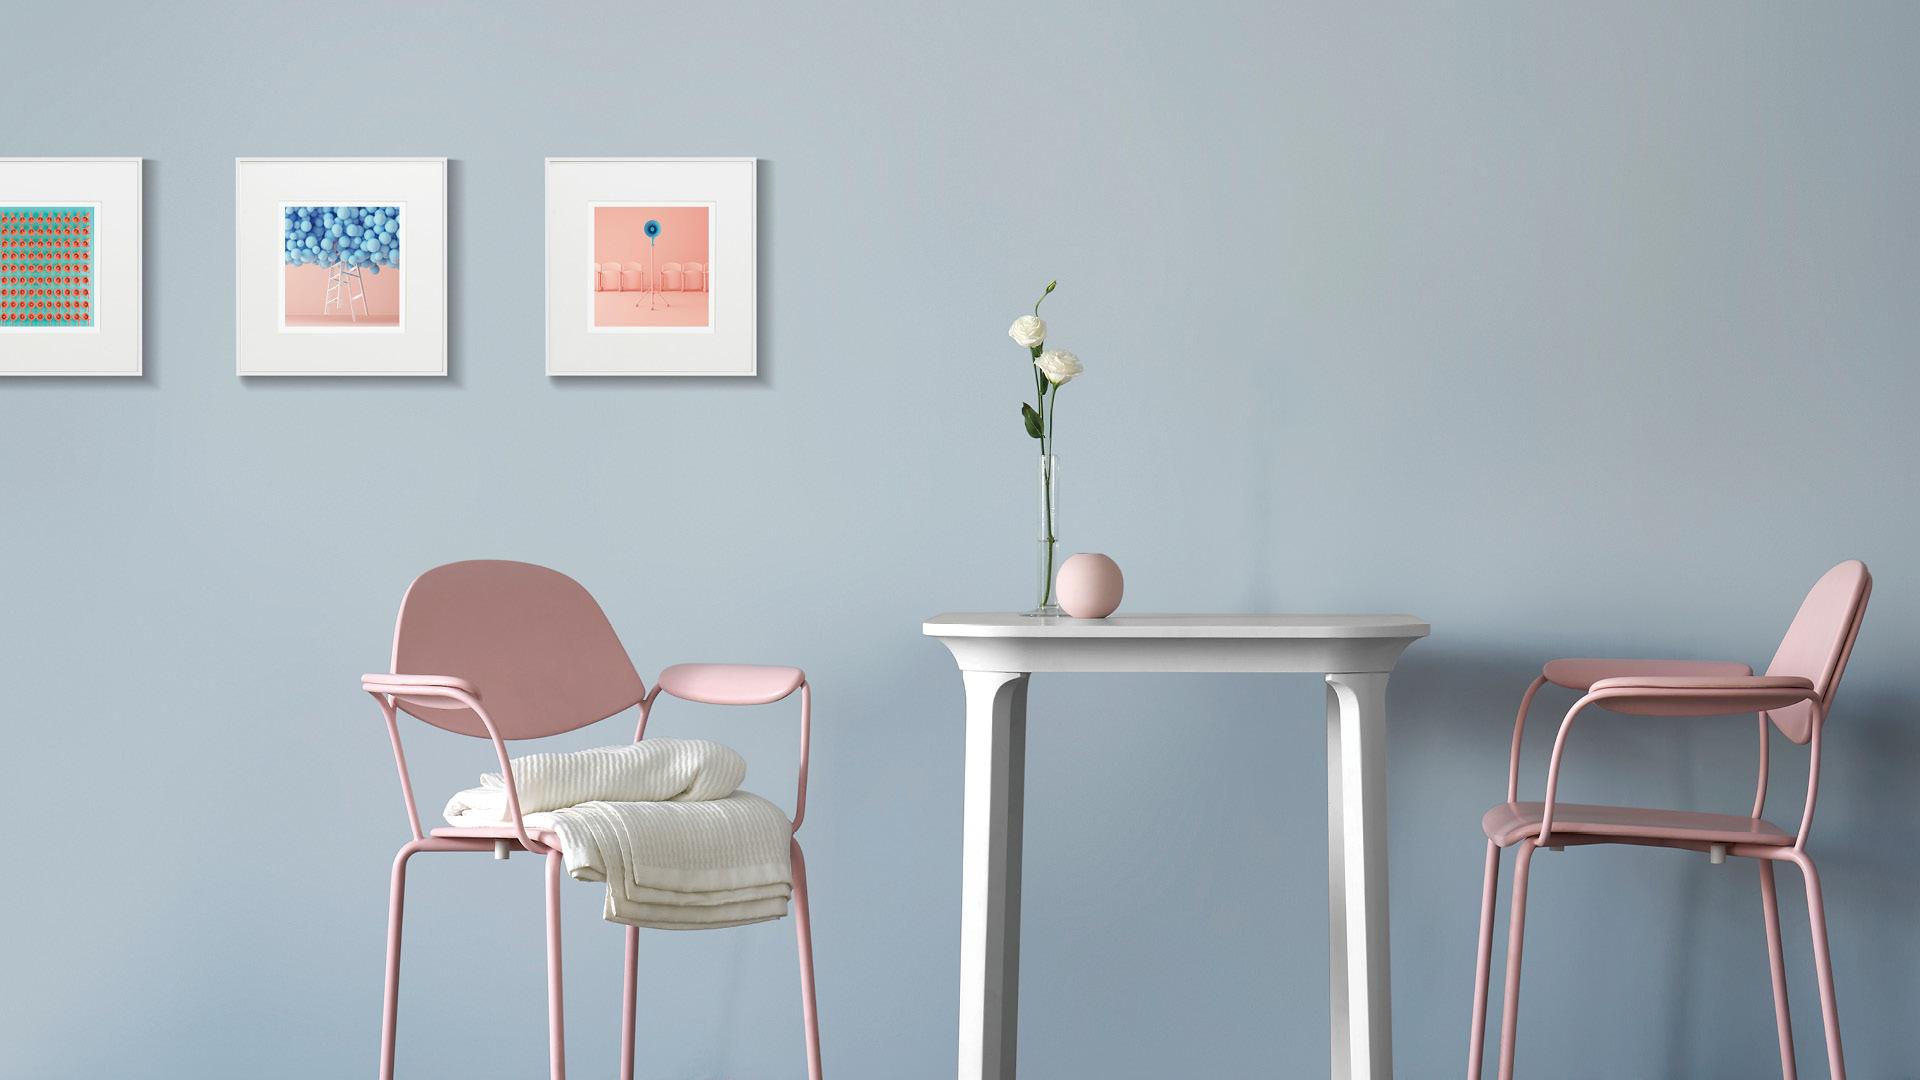 用柔粉色涂抹私人空间,让时间慢下来